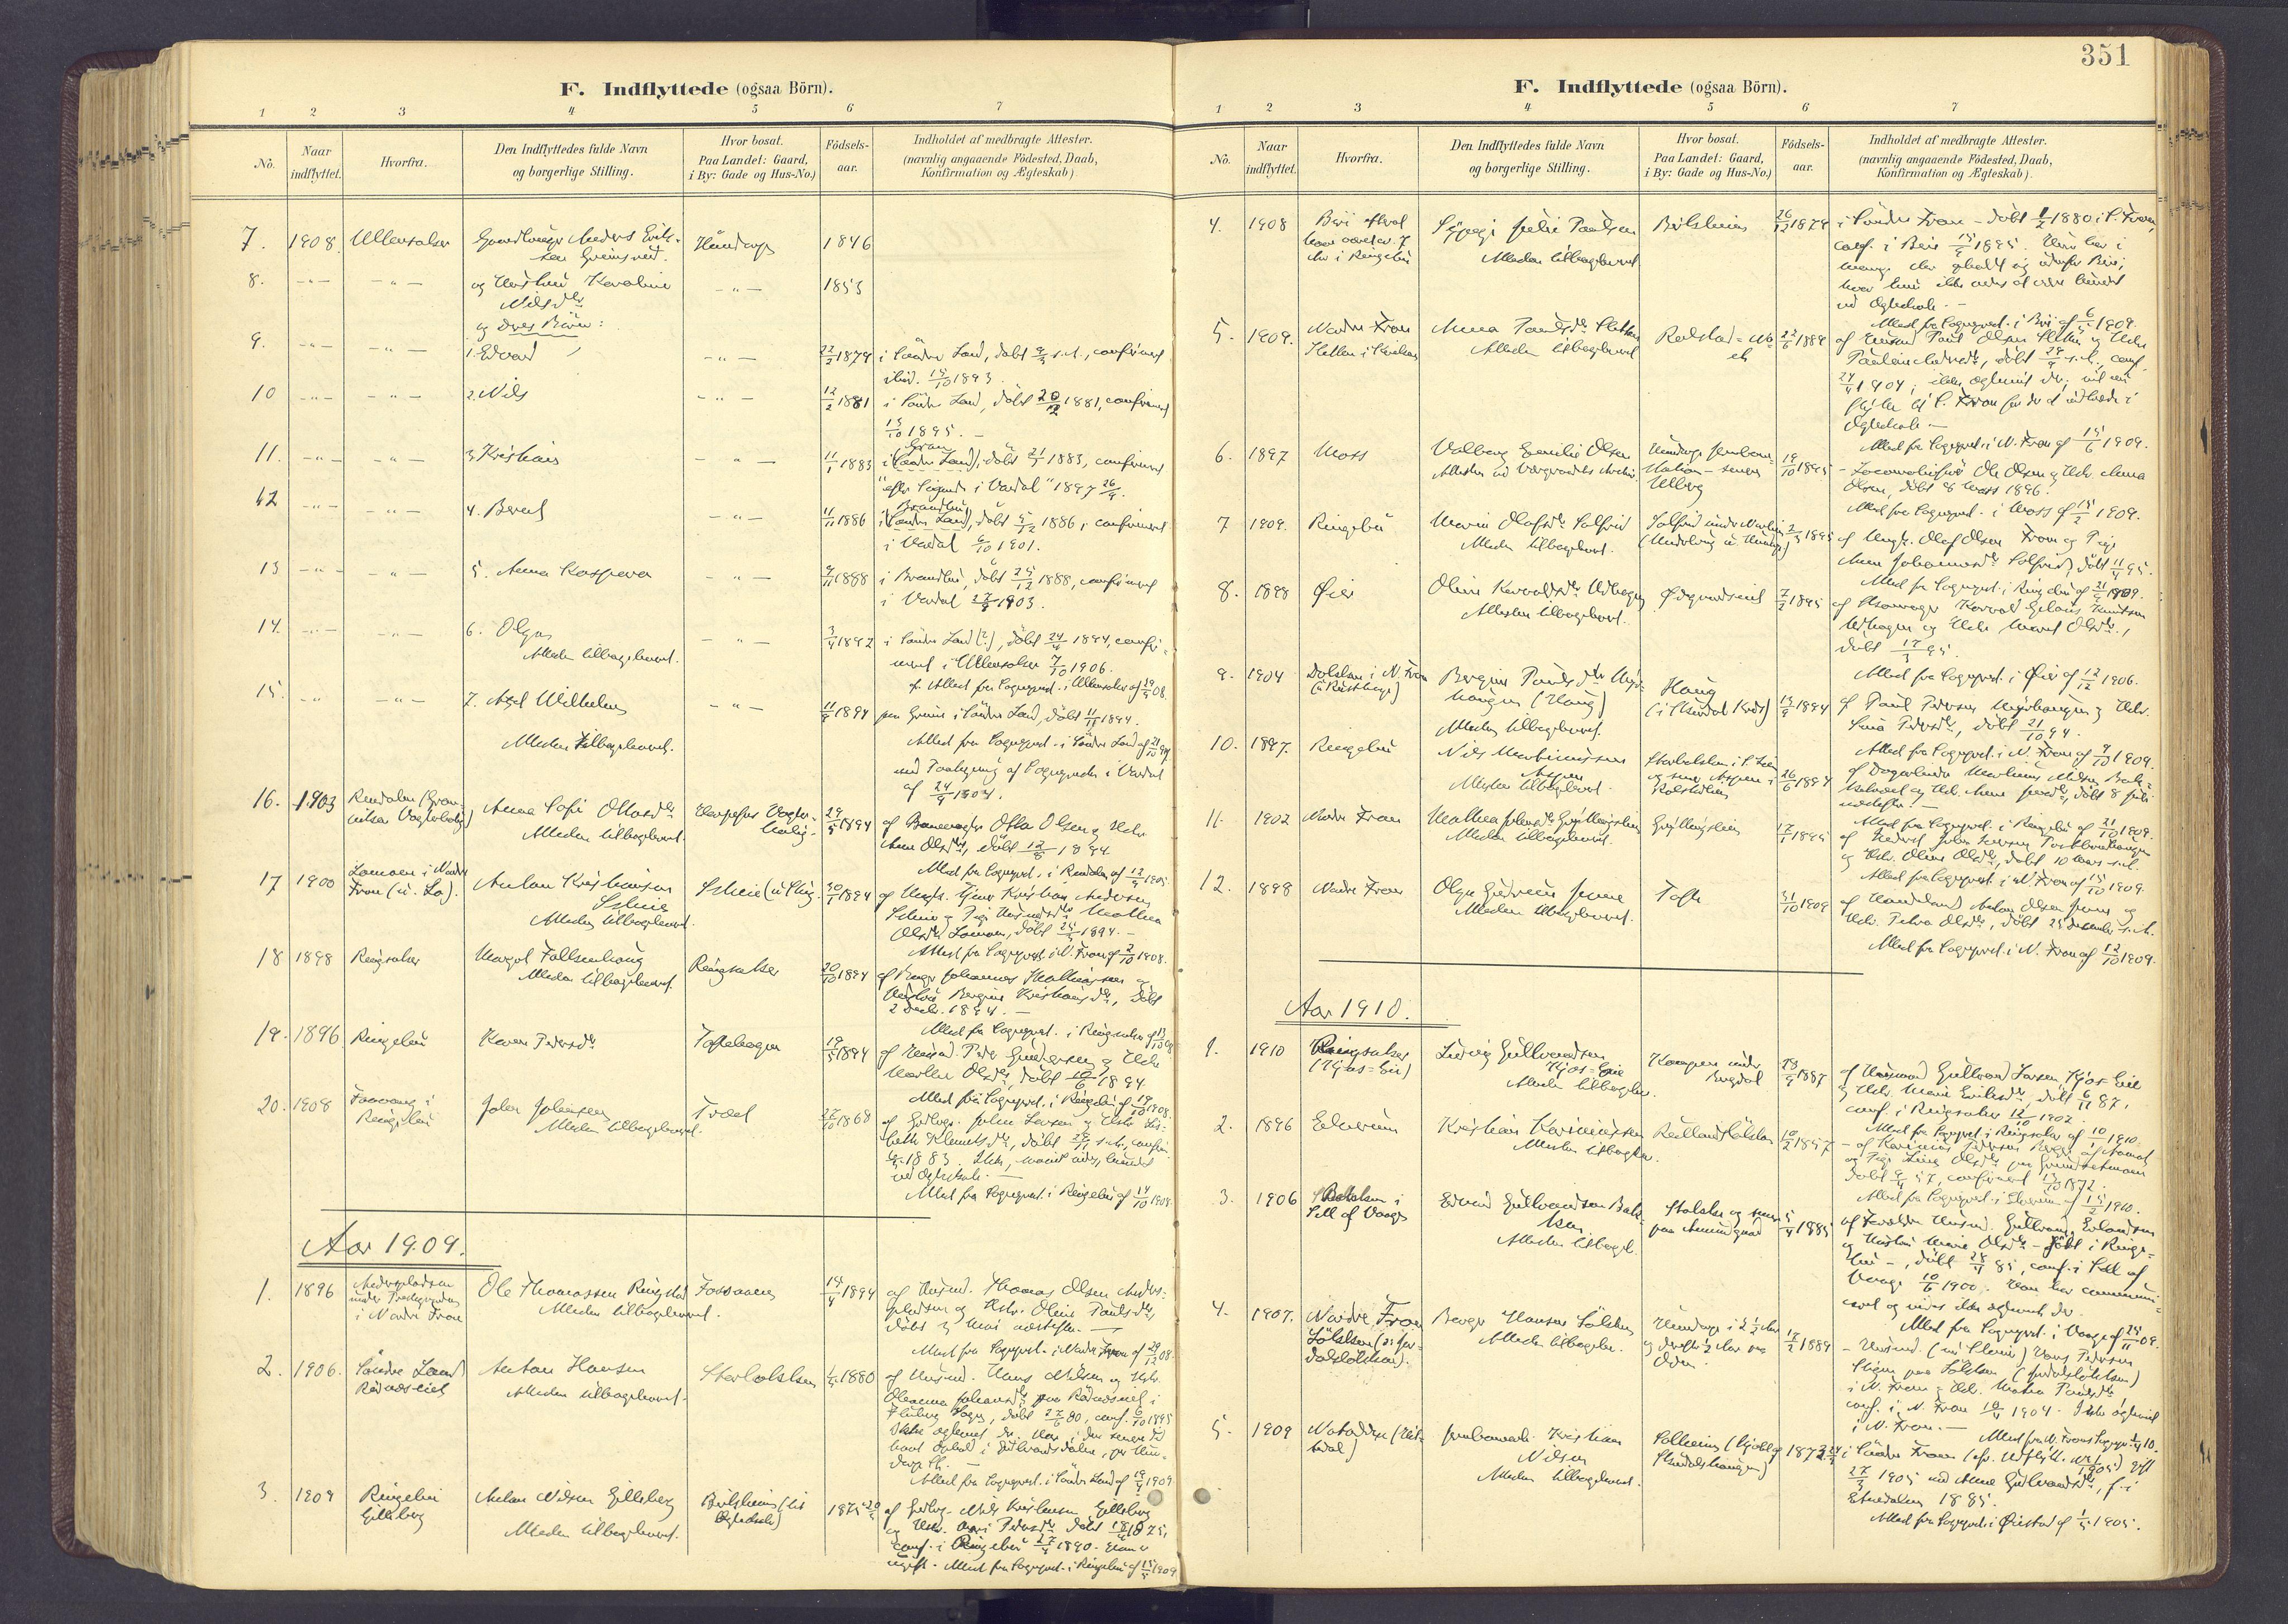 SAH, Sør-Fron prestekontor, H/Ha/Haa/L0004: Ministerialbok nr. 4, 1898-1919, s. 351